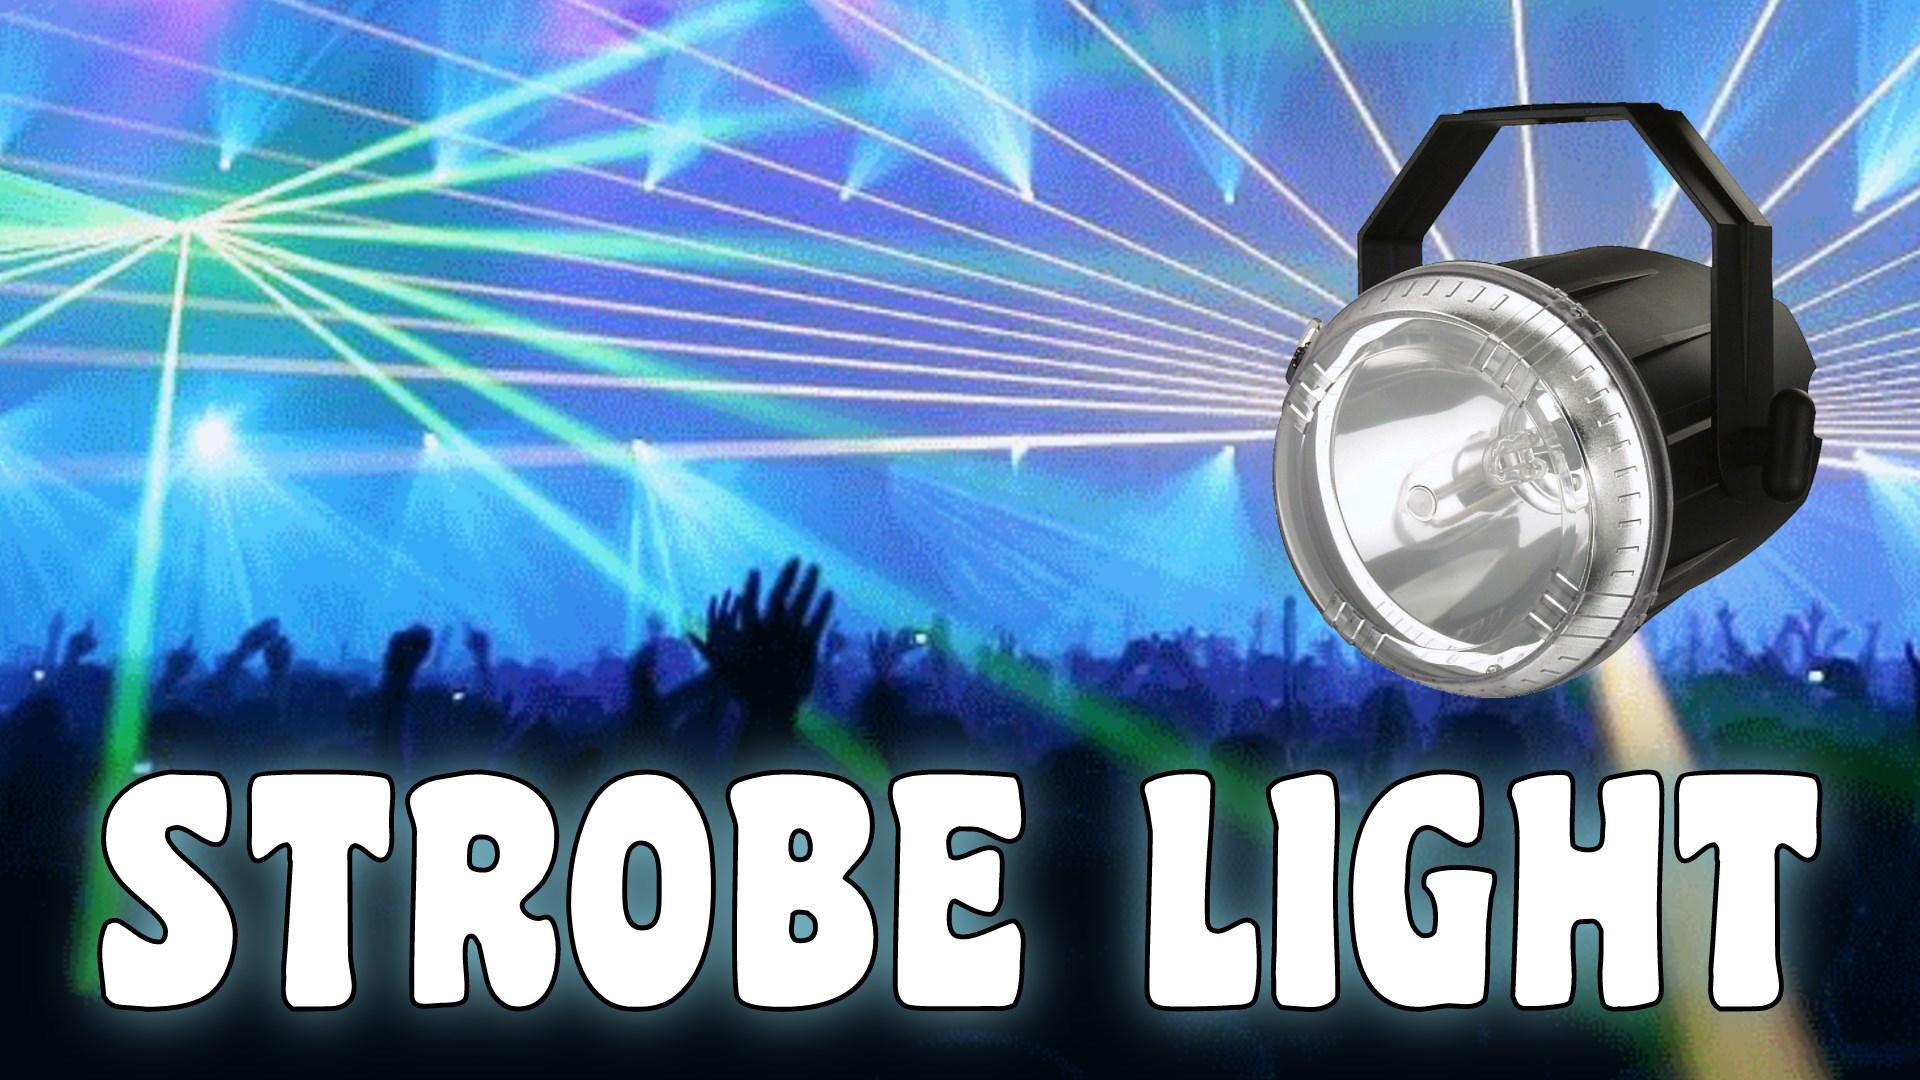 Get Strobe Light LED - Microsoft Store